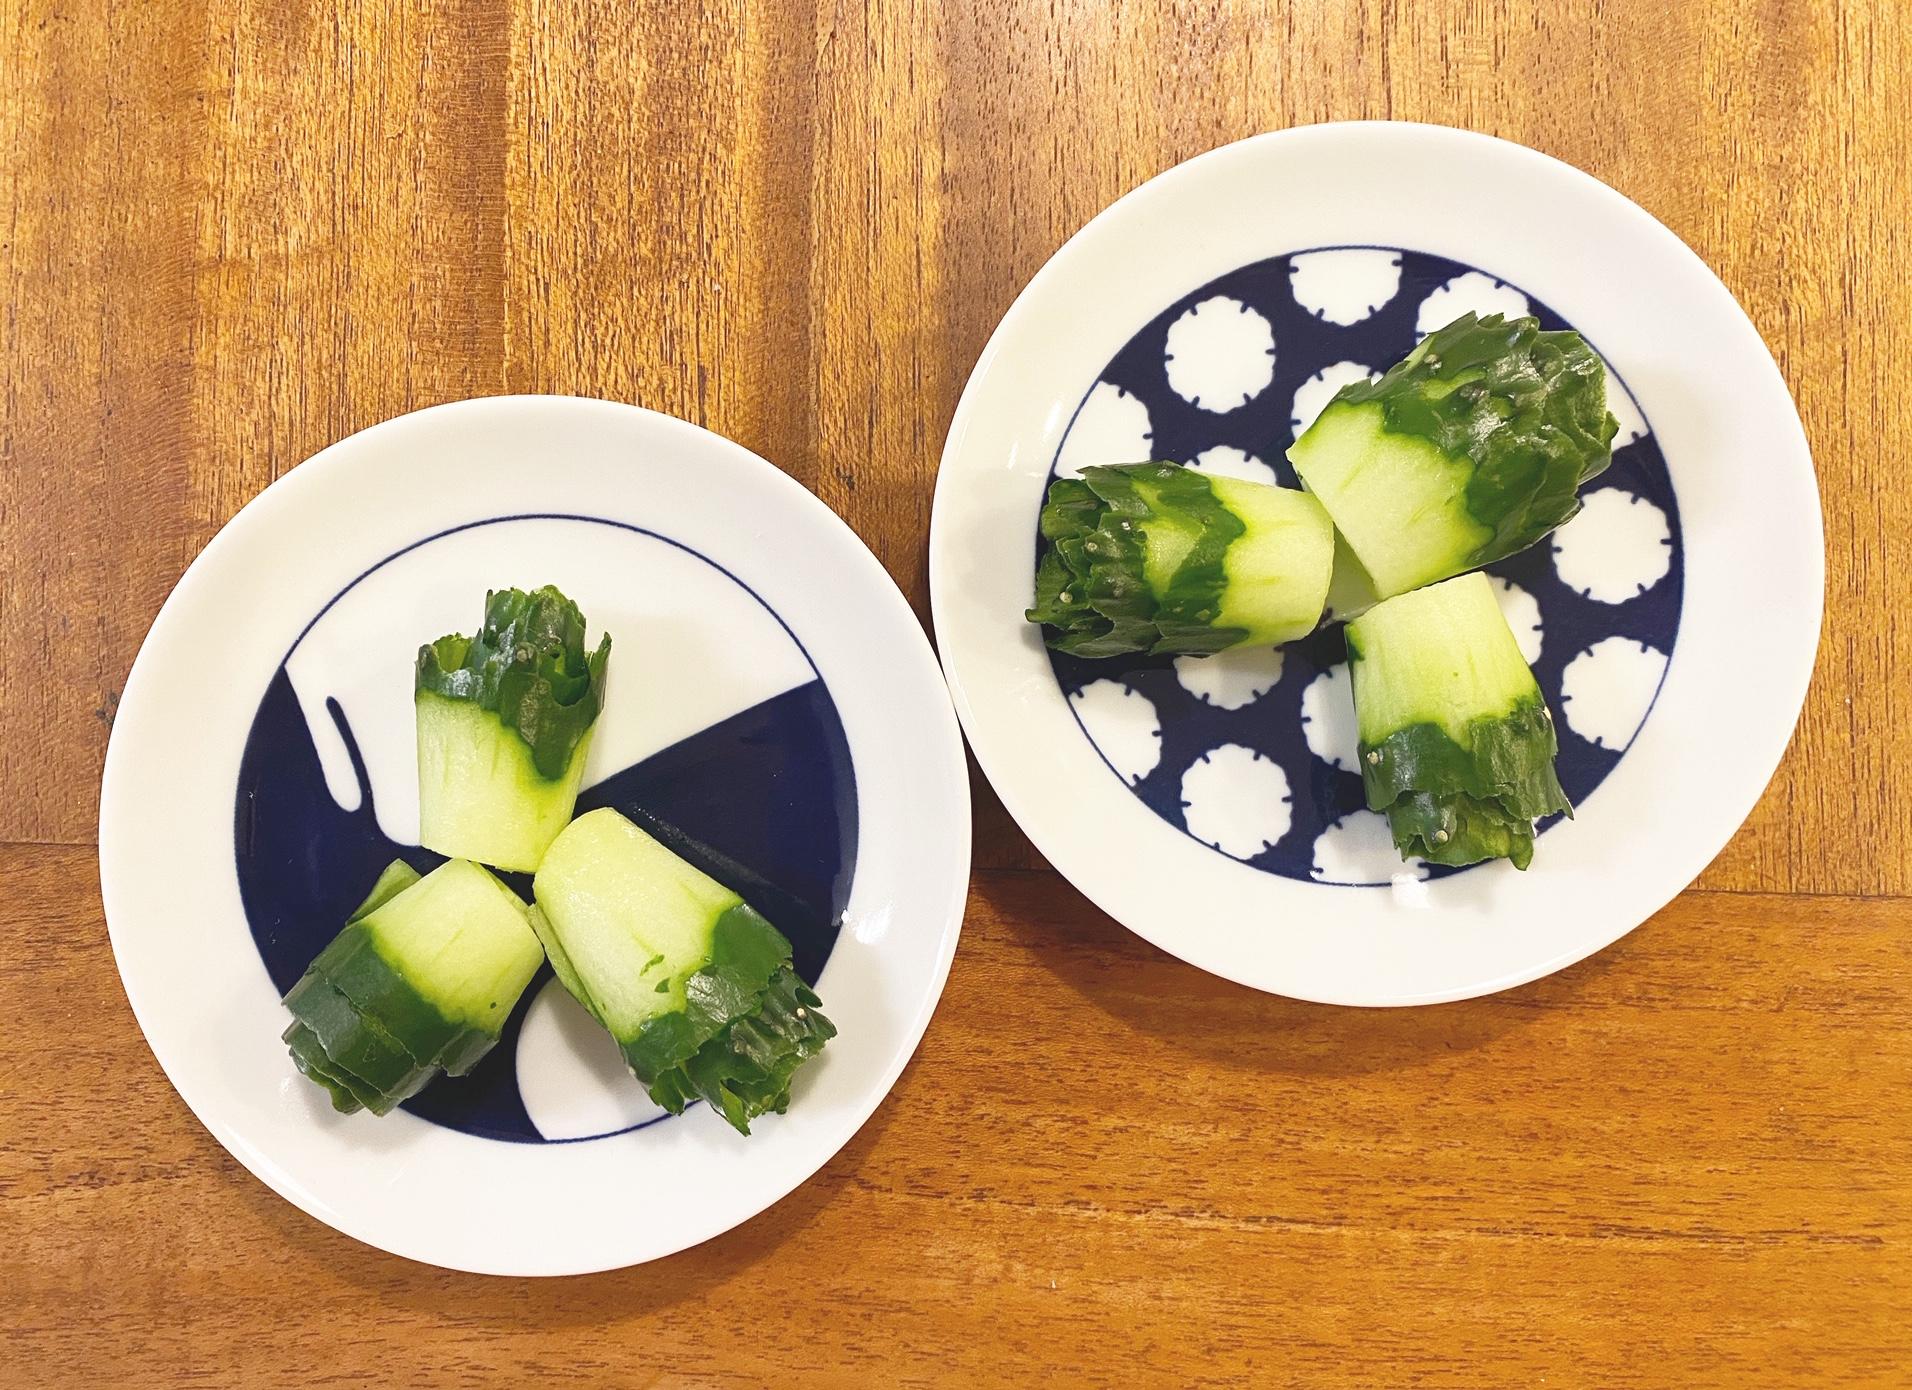 他の野菜で試したら、意外な結果に!